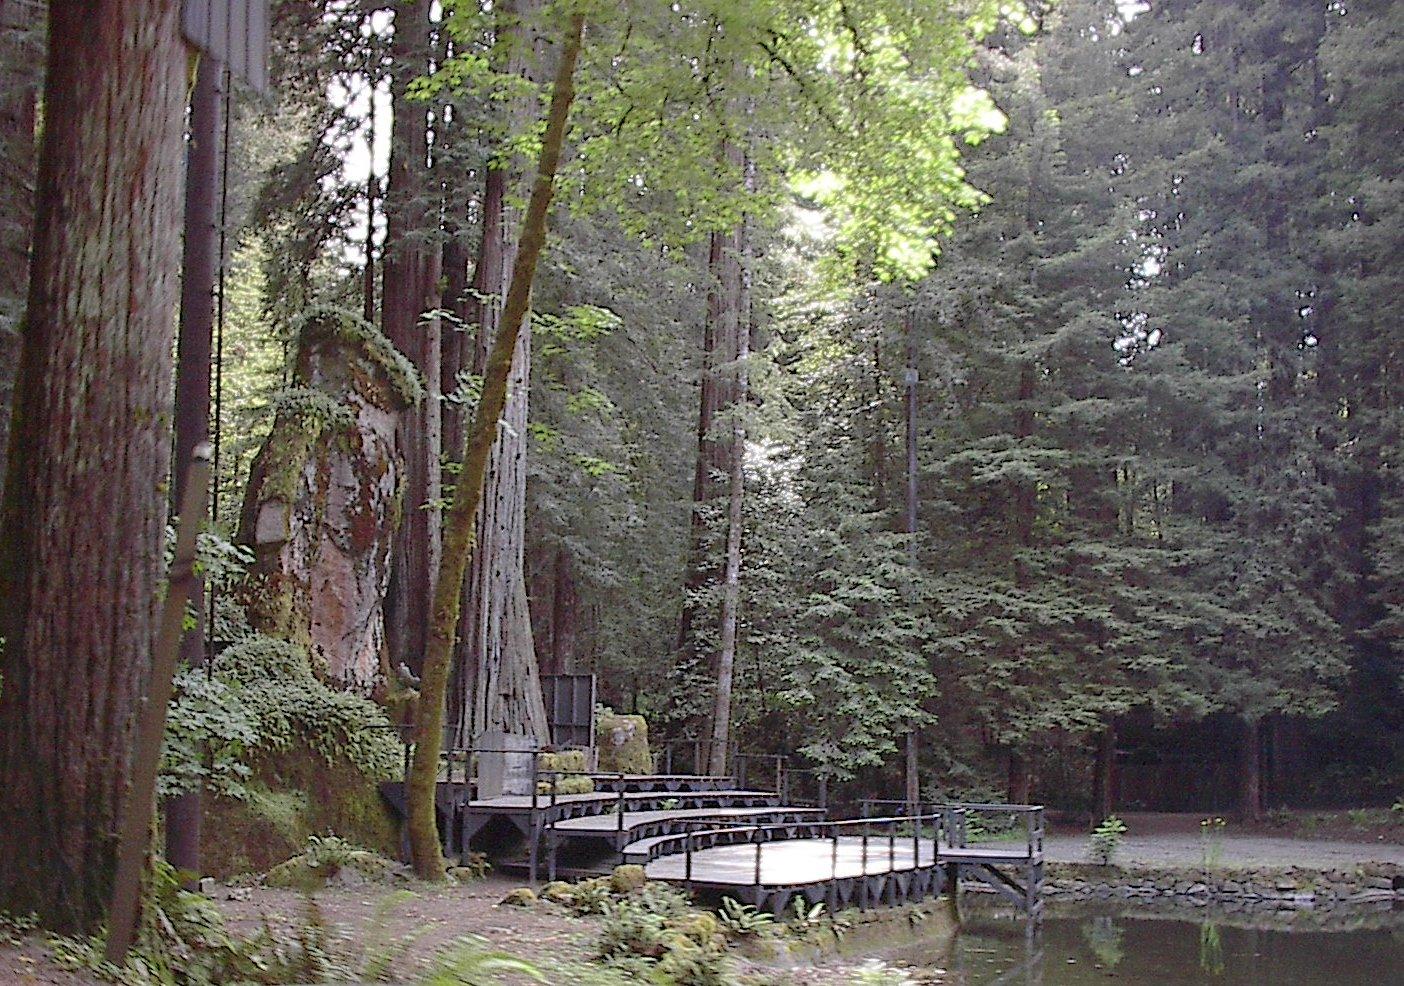 Bohemian Grove's owl shrine